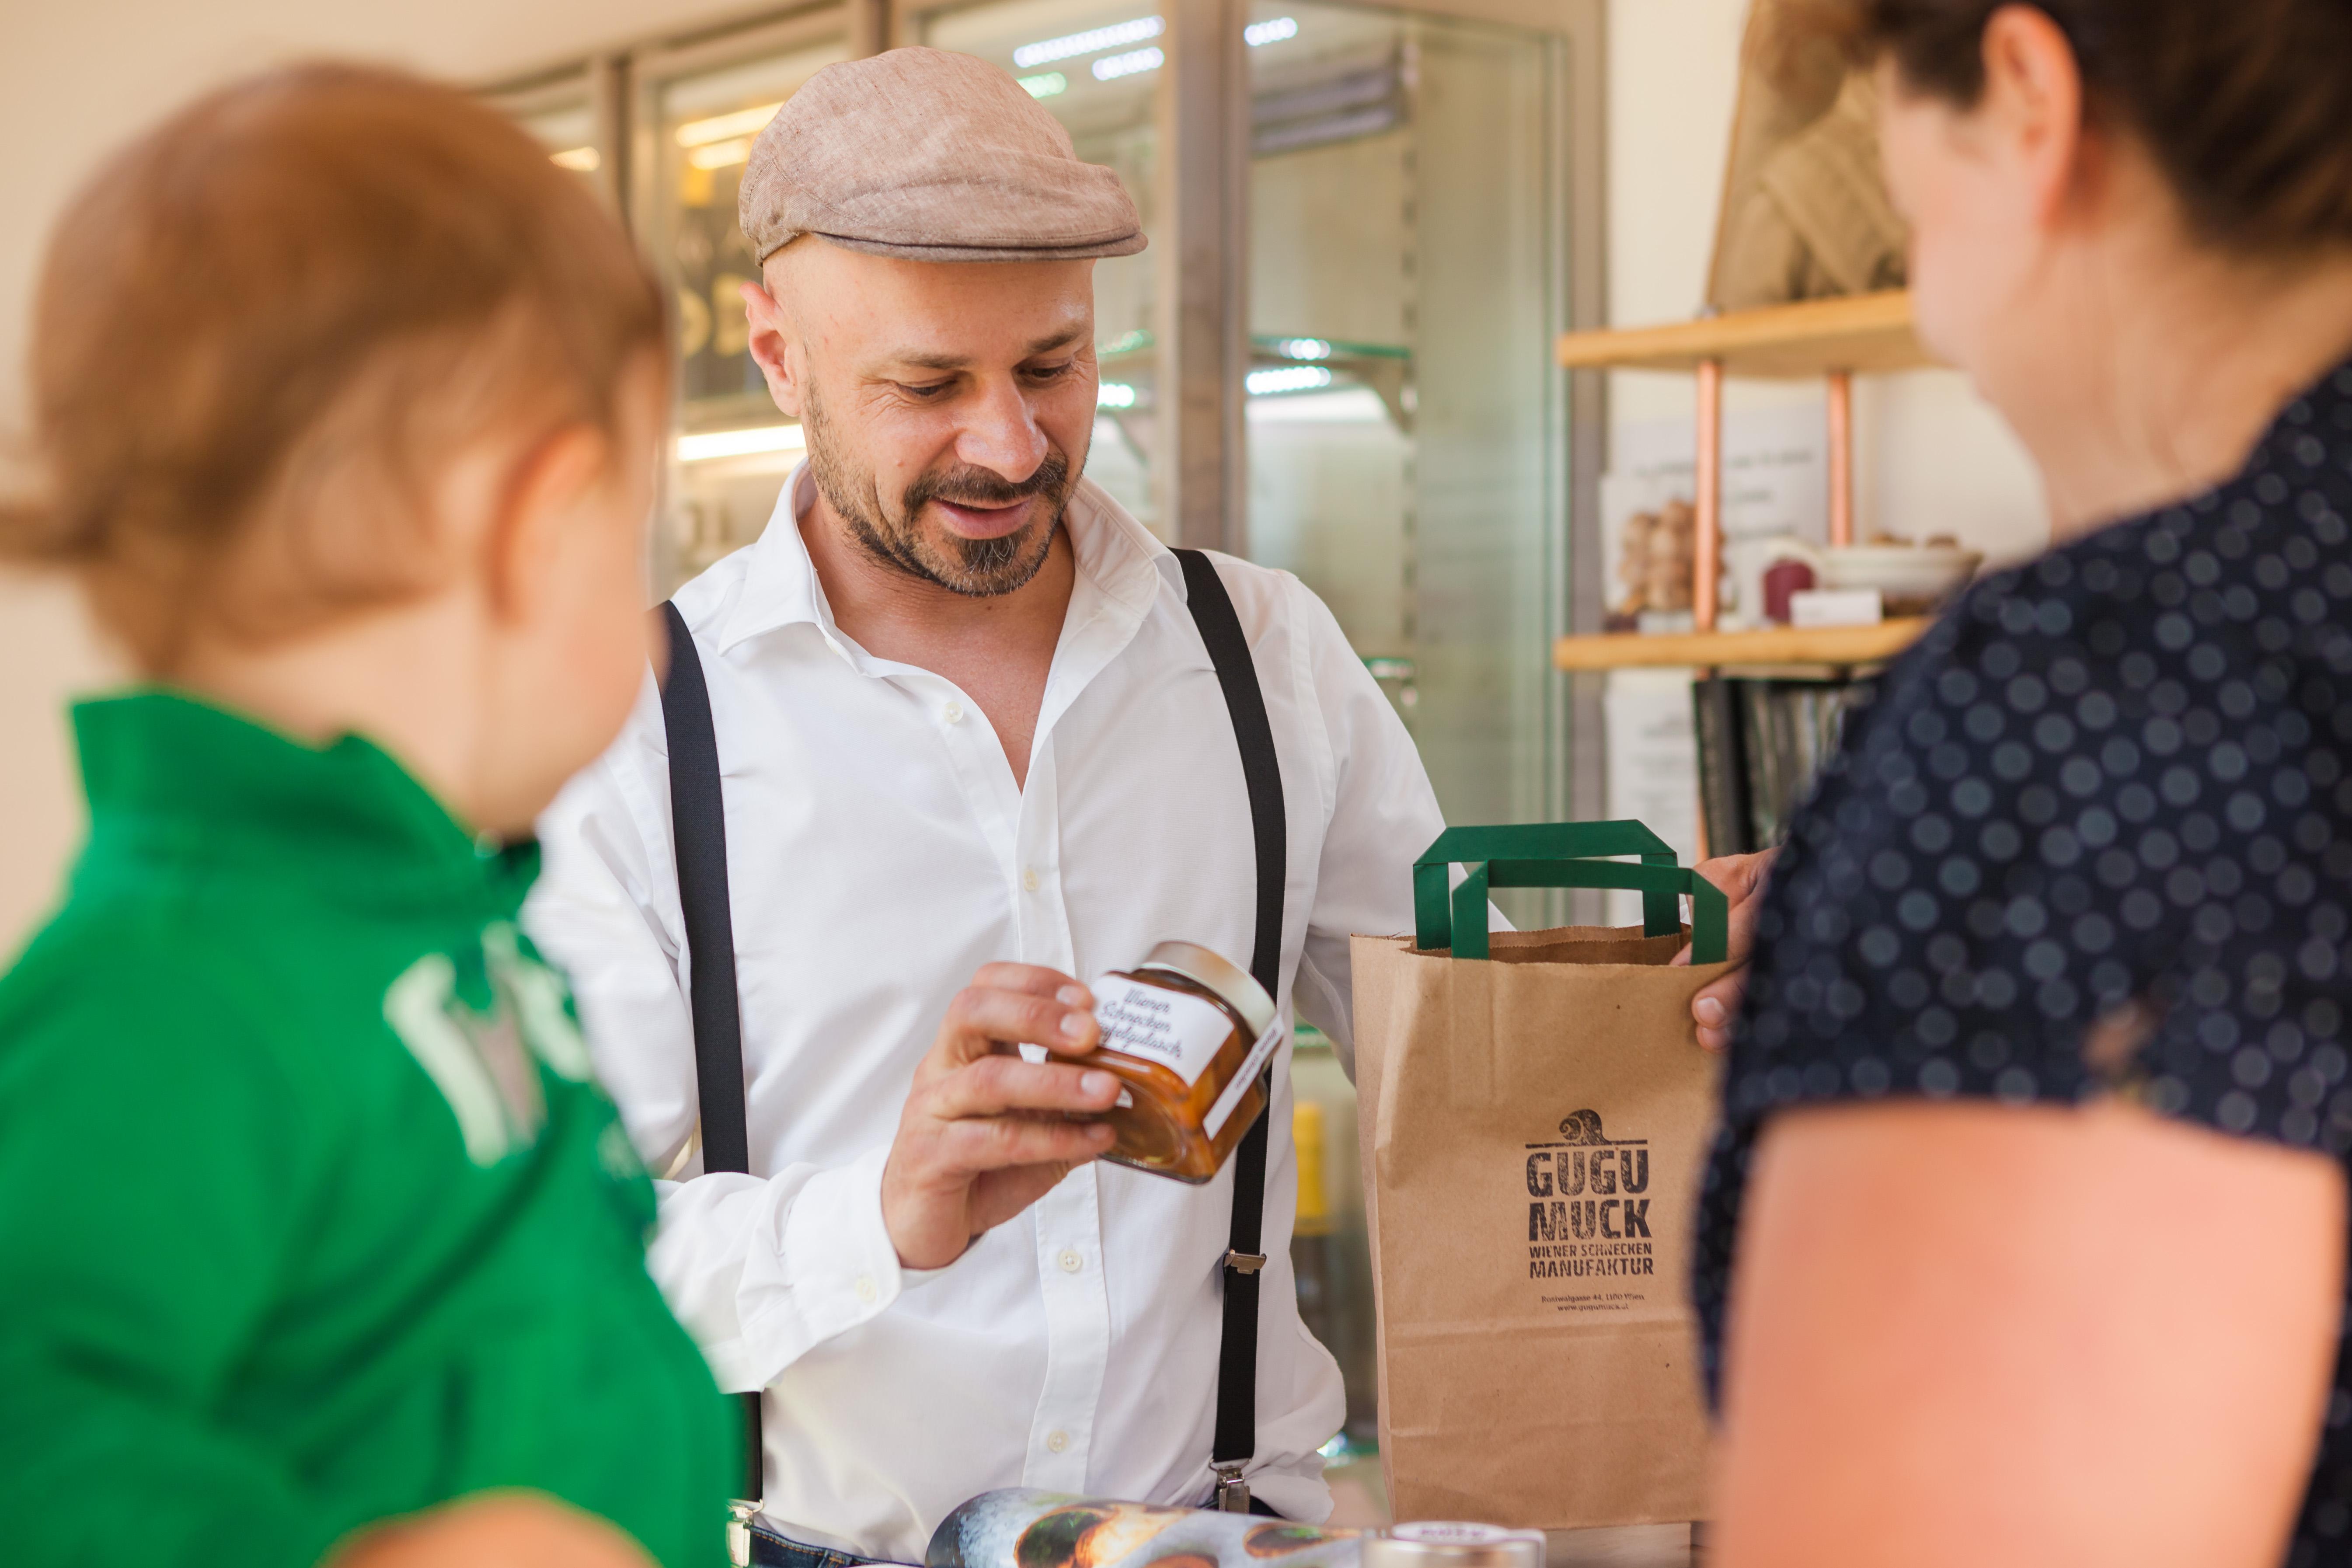 © Philipp Lipiarski / www.lipiarski.com, Farm 2 Table, Andreas Gugumuck im Hofladen der Wiener Schnecken-Manufaktur Gugumuck, In unserem Ab-Hof-Laden können sie während der Öffnungszeiten im Direktverkauf einkaufen, sonst im Onlineshop. Unser Direktverkauf Ab-Hof-Laden hat Montag bis Donnerstag von 8.00 - 16.00 Uhr, Freitag von 8.00 - 18.00 Uhr, Samstag von 9.00 - 12.00 Uhr.